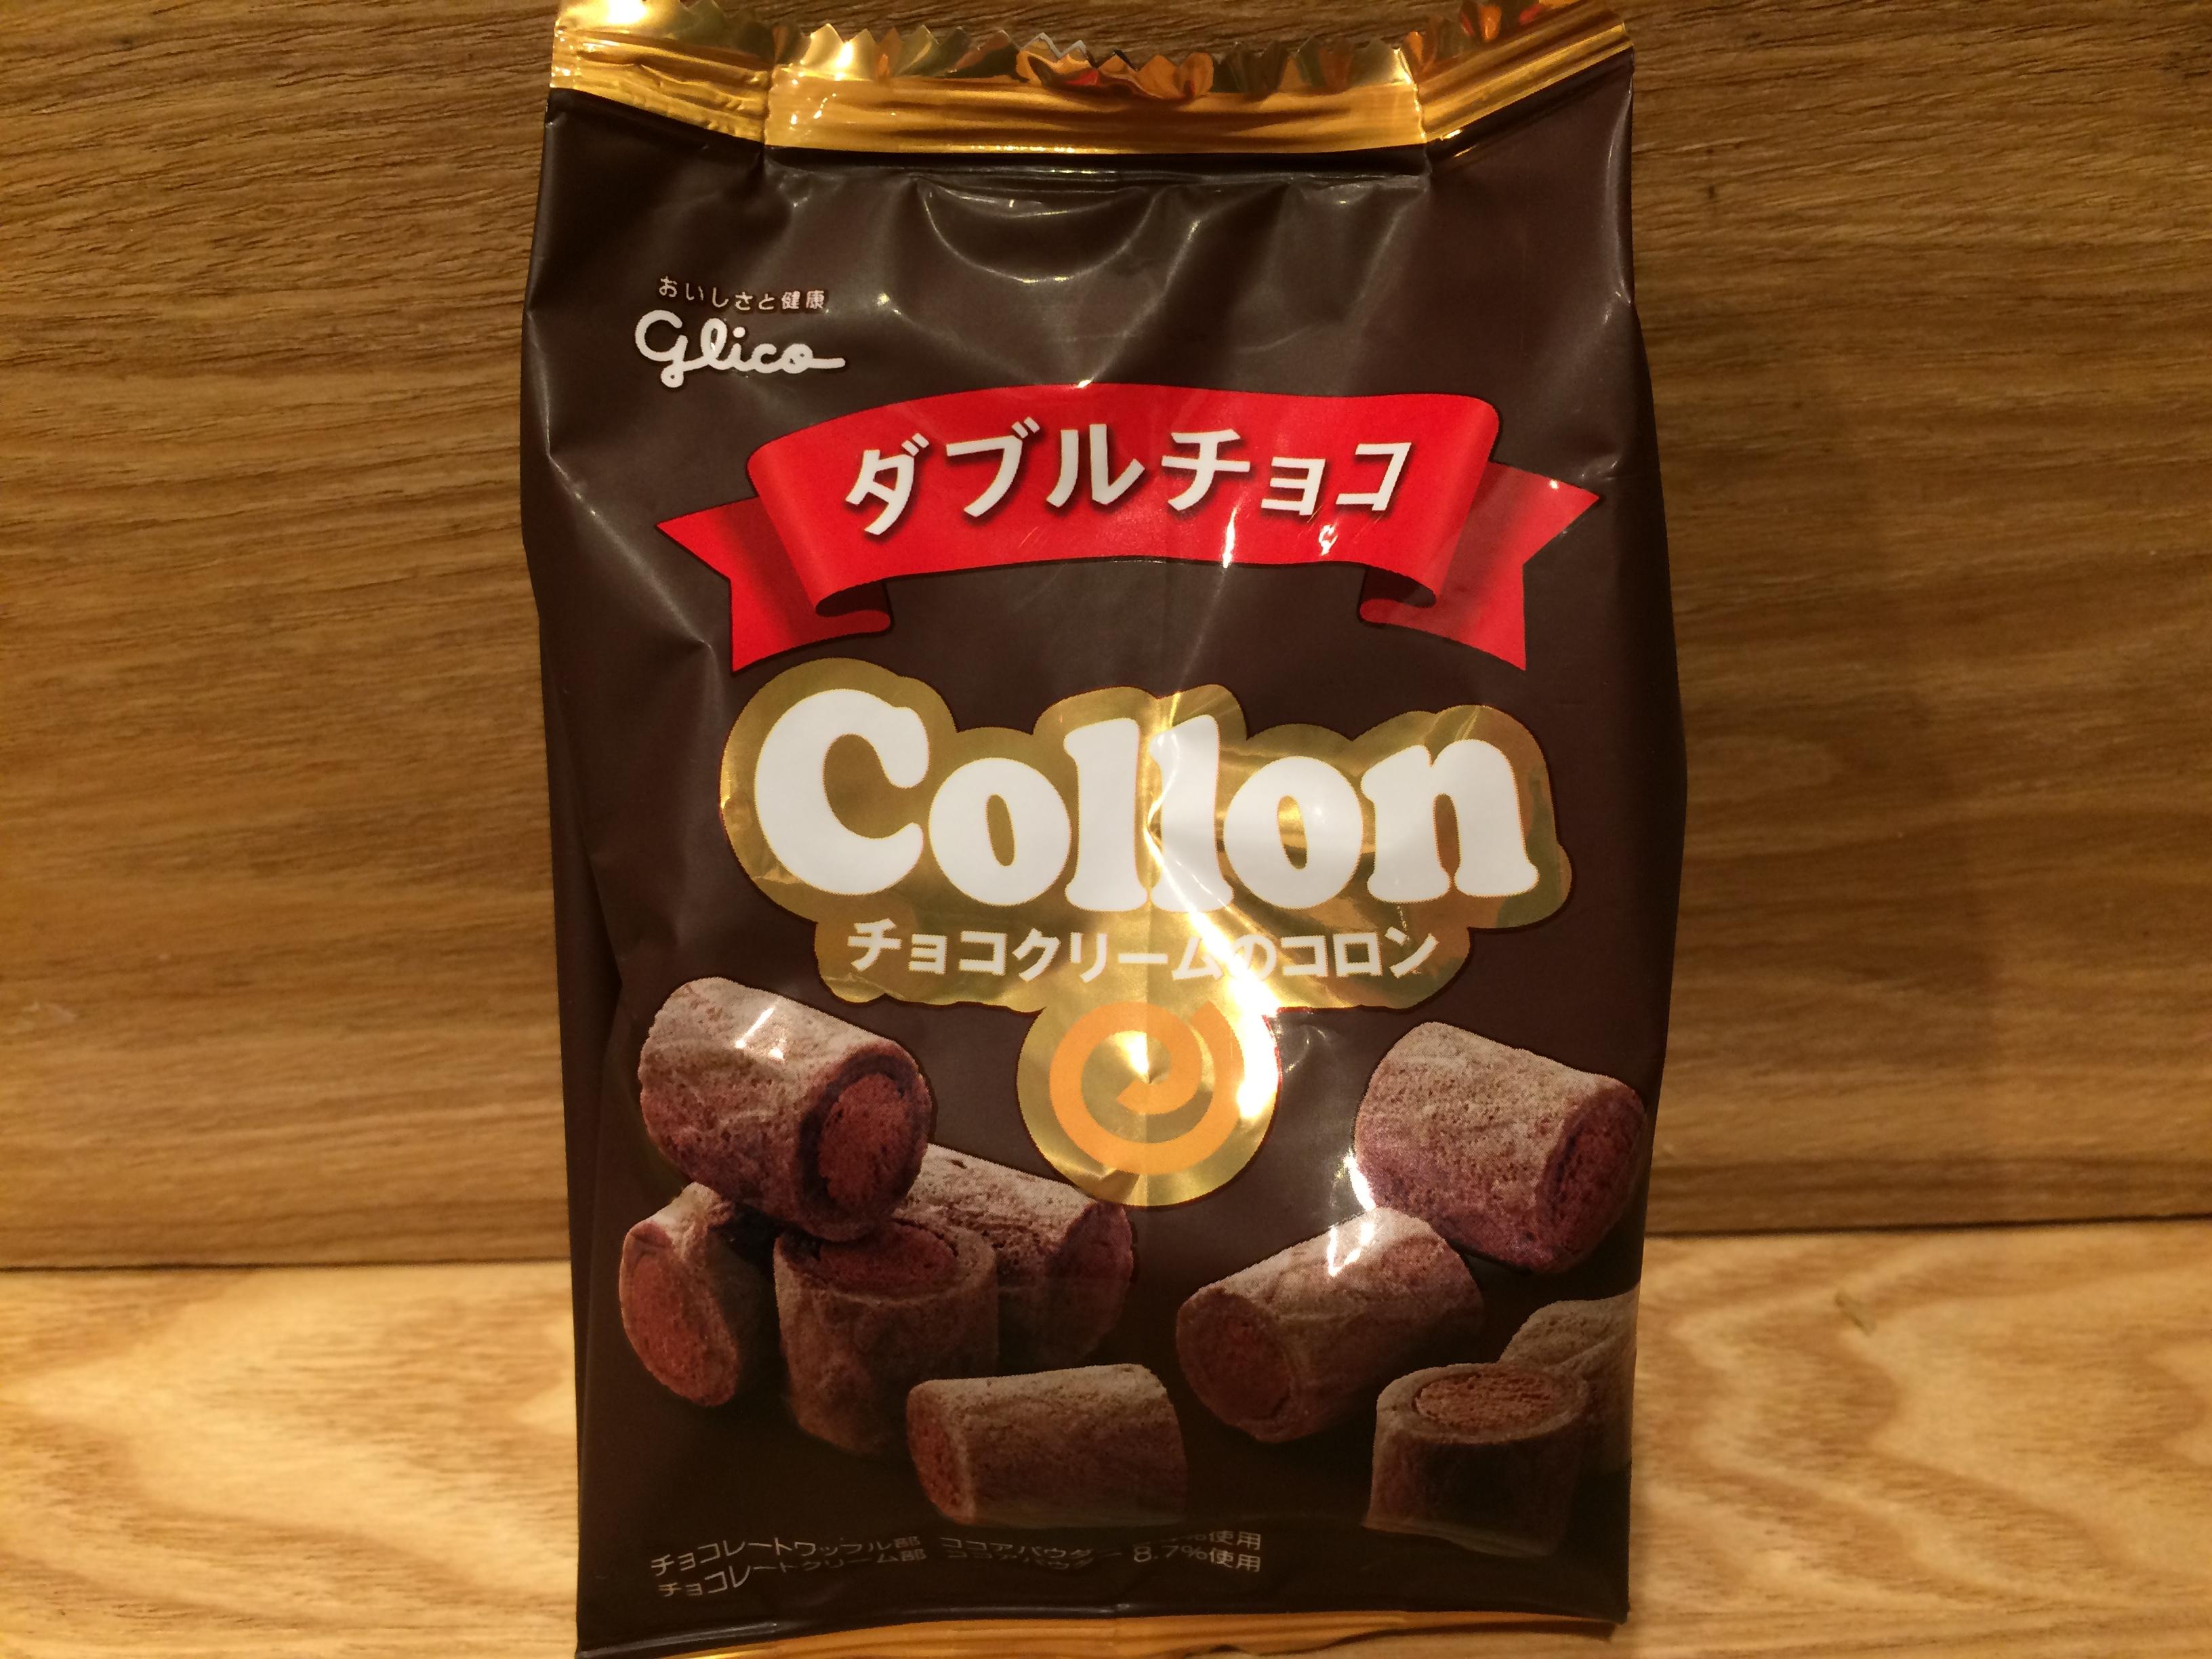 グリコのダブルチョココロンは暑い日ほどふわっふわ!味・値段は?